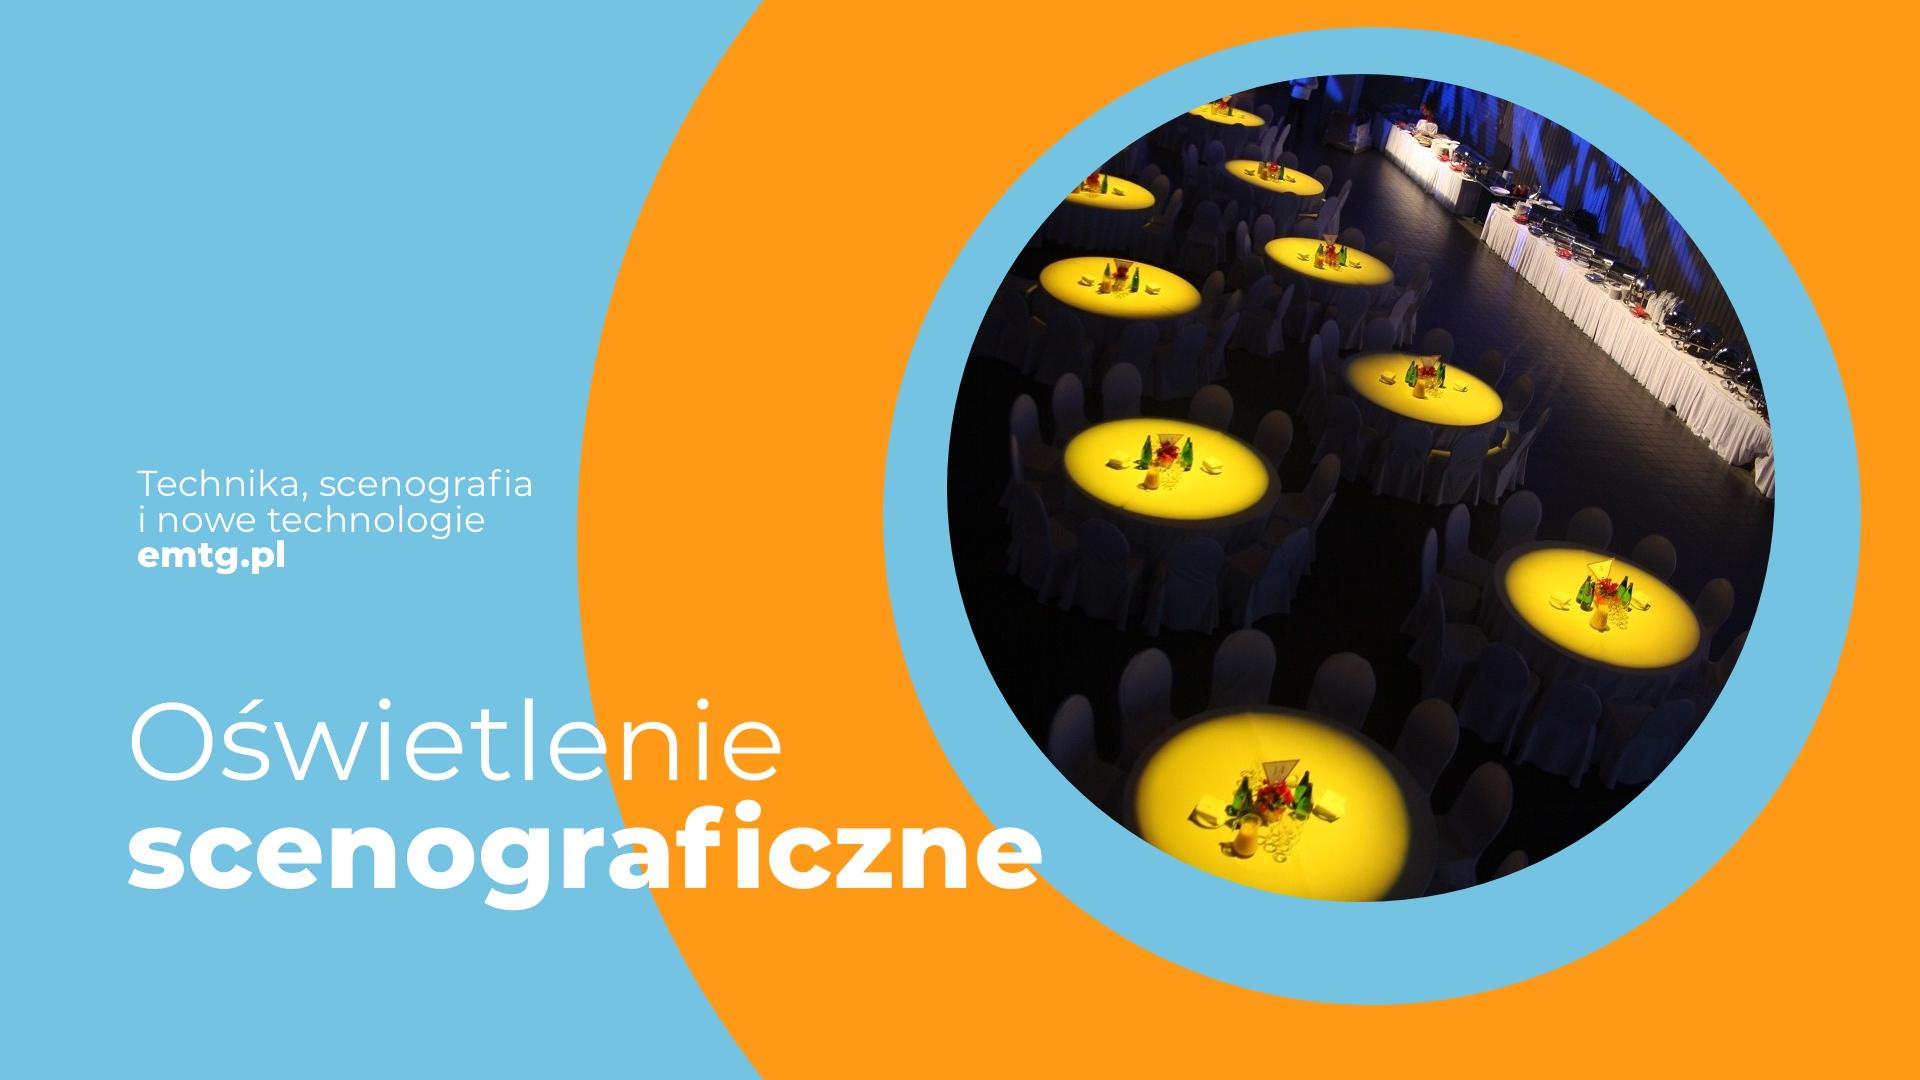 Oświetlenie scenograficzne w event marketingu